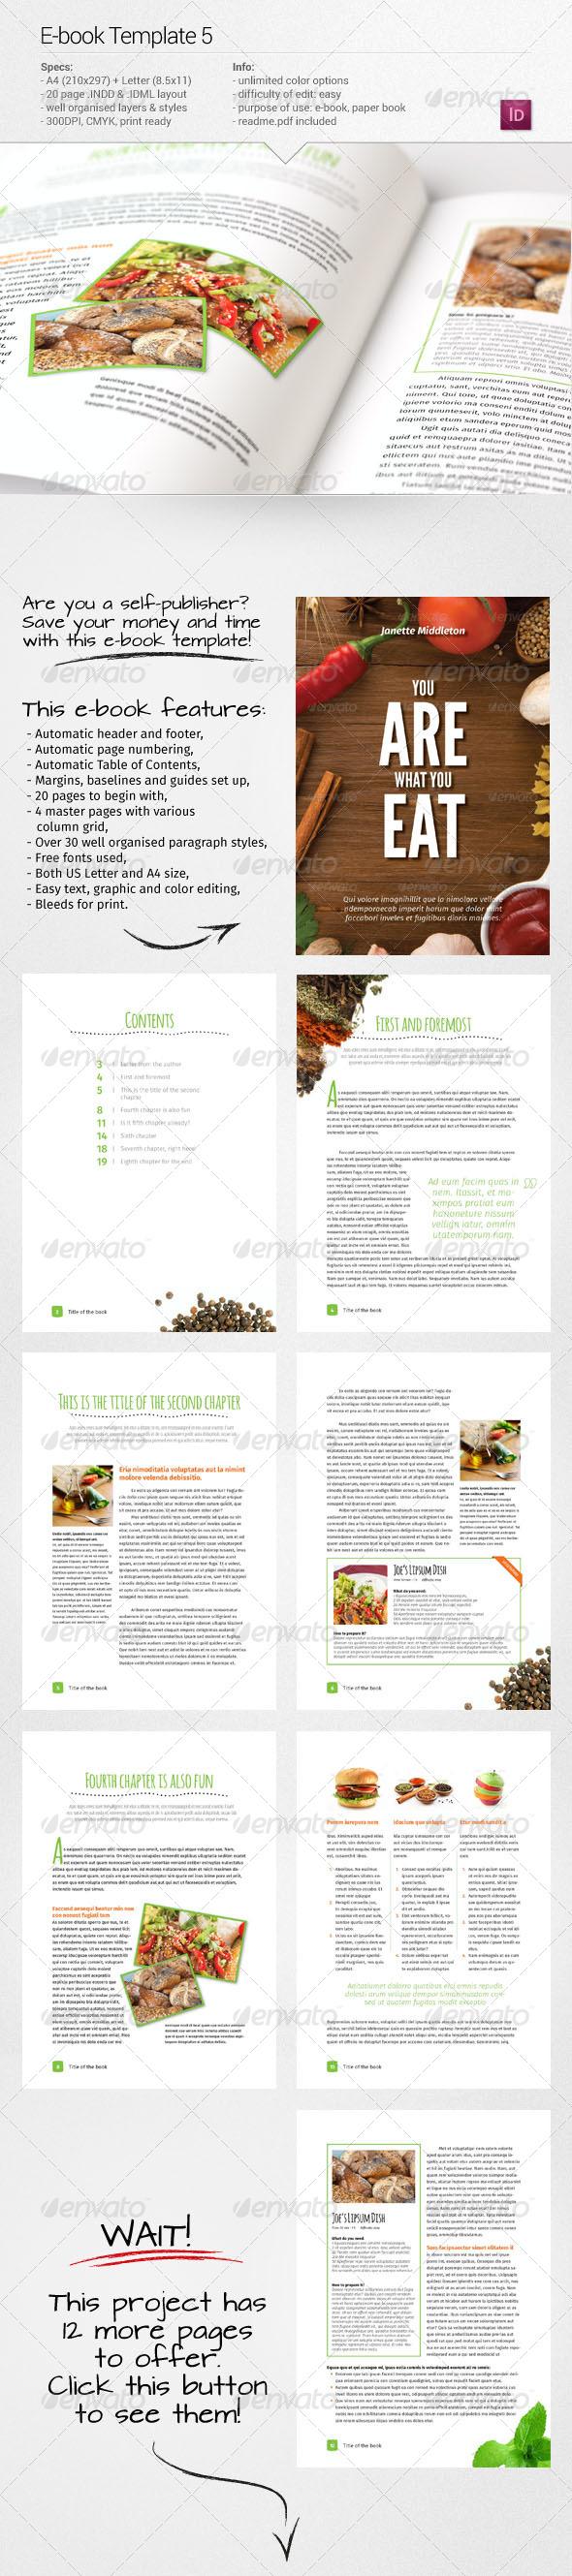 GraphicRiver E-book Template 5 7520535